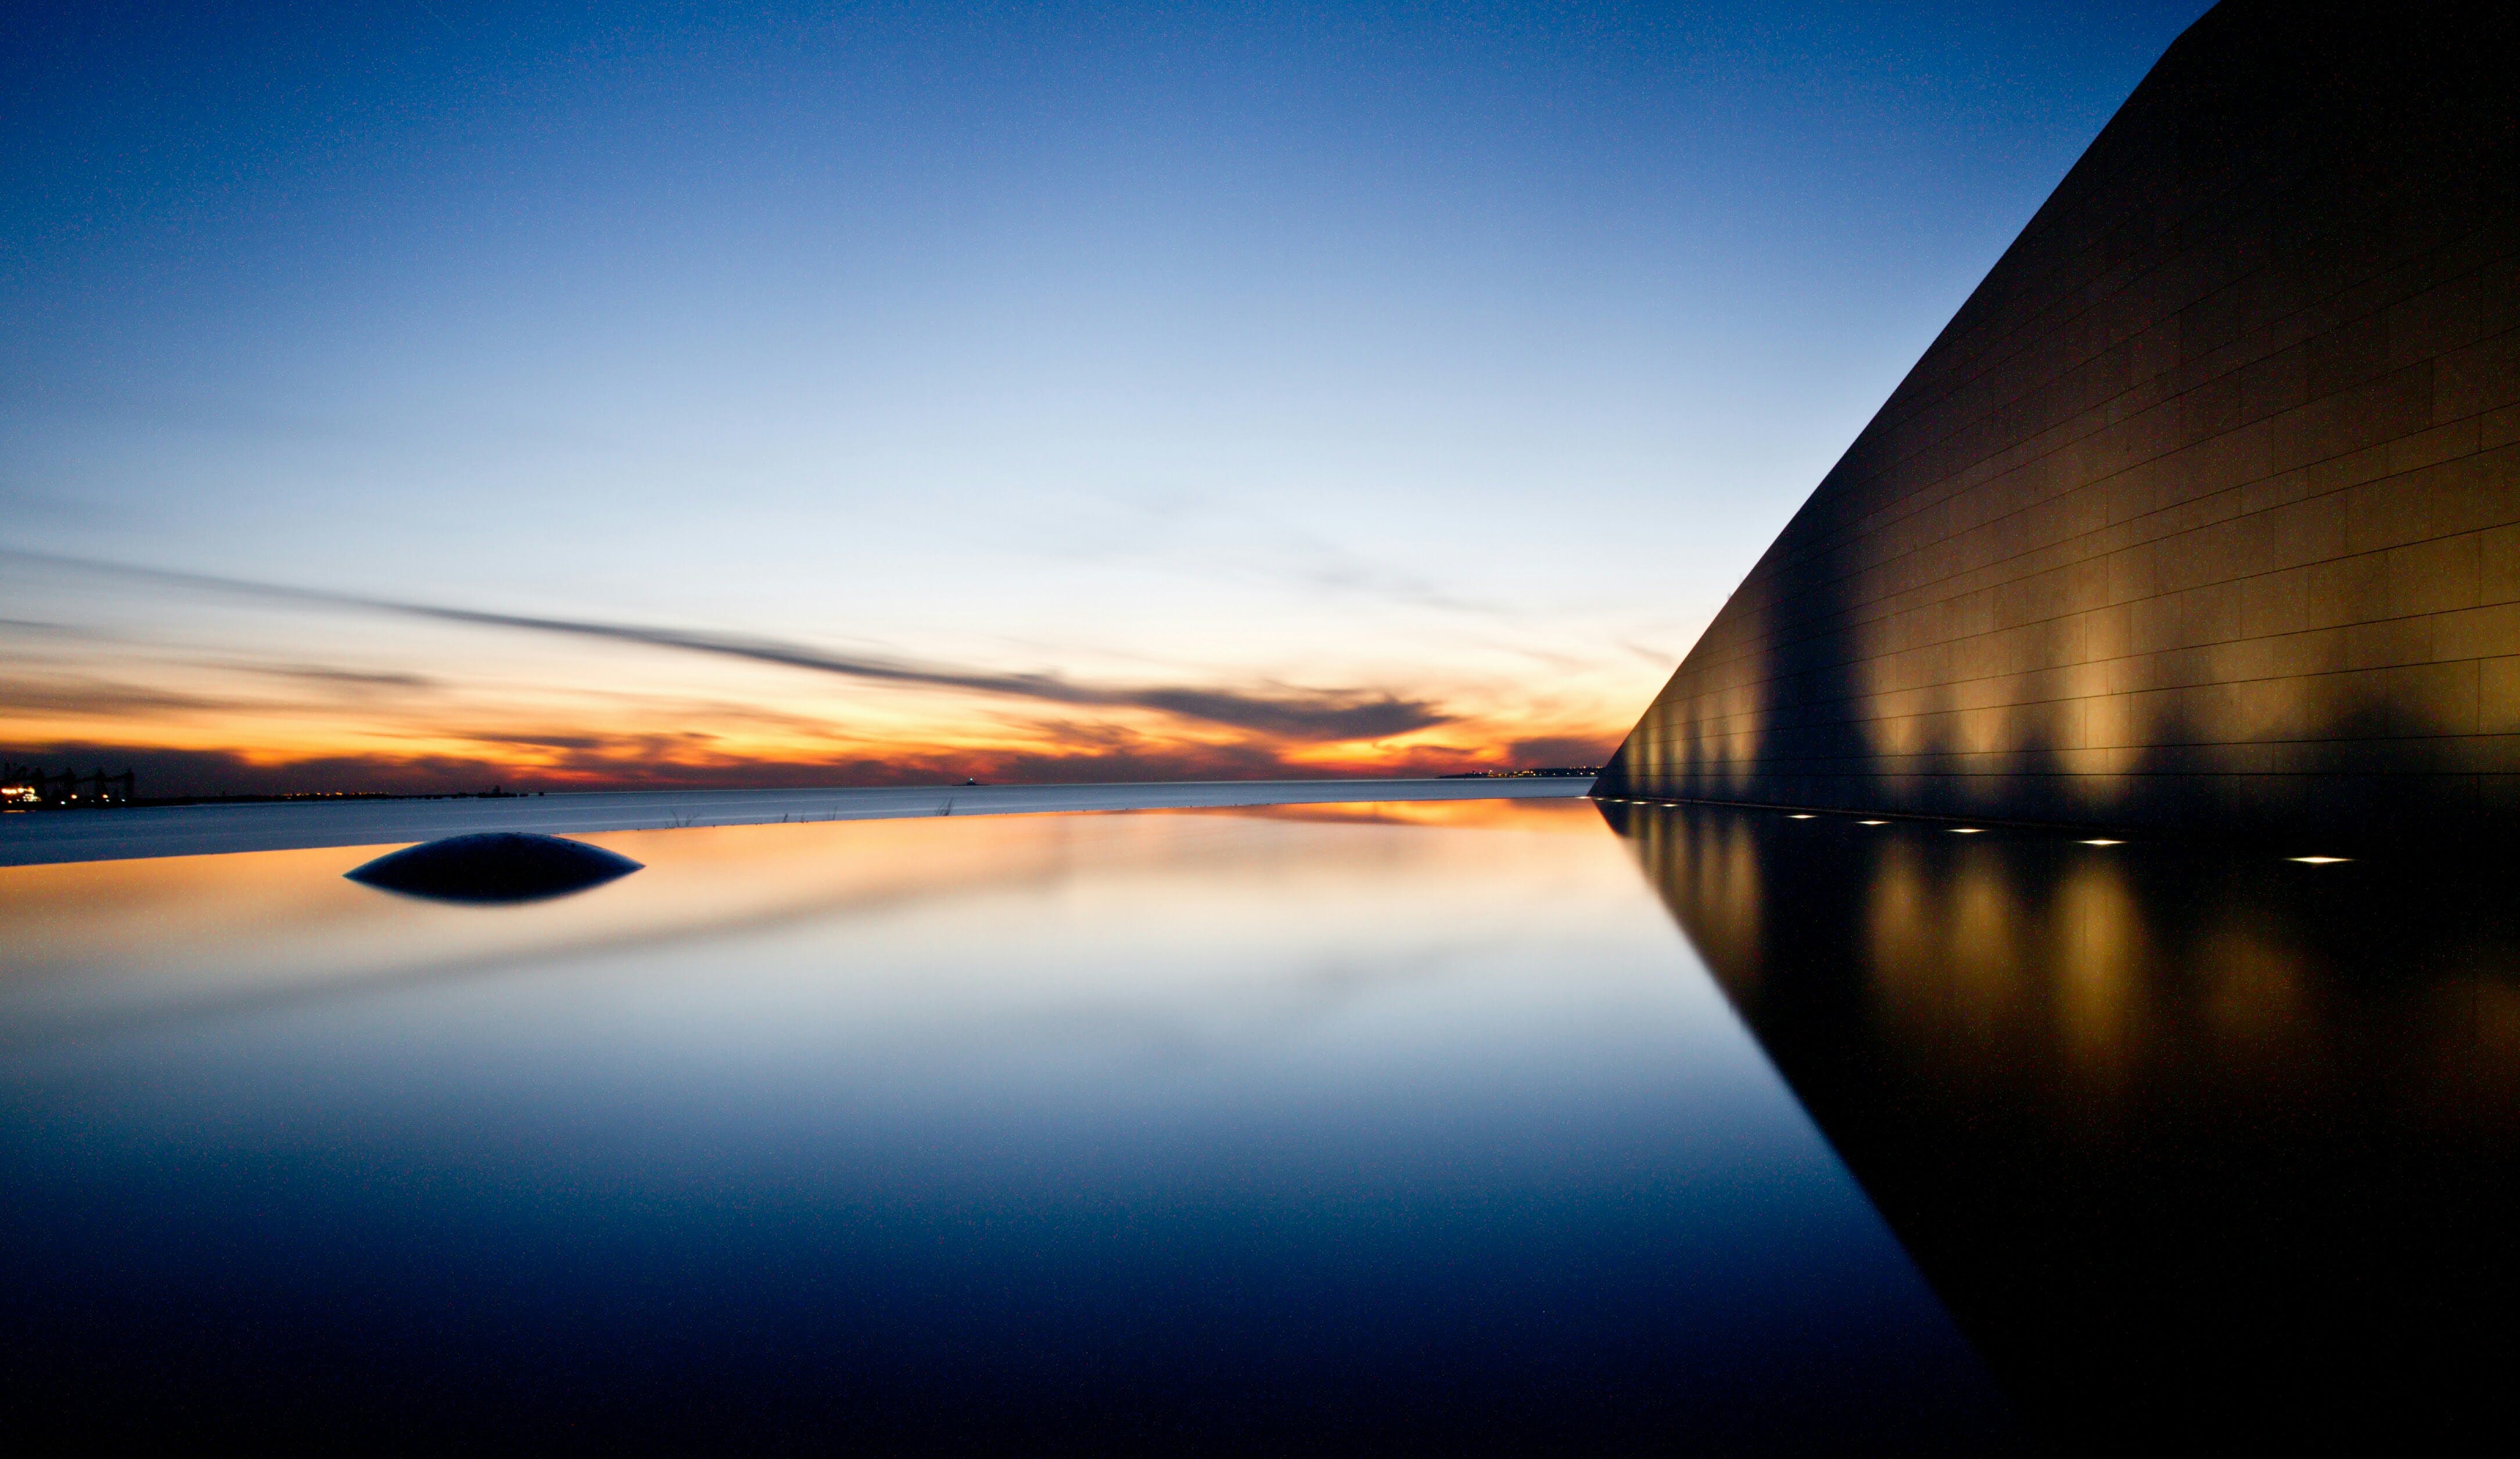 Free stock photo of geometric shapes, landscape, sunrise, sunset